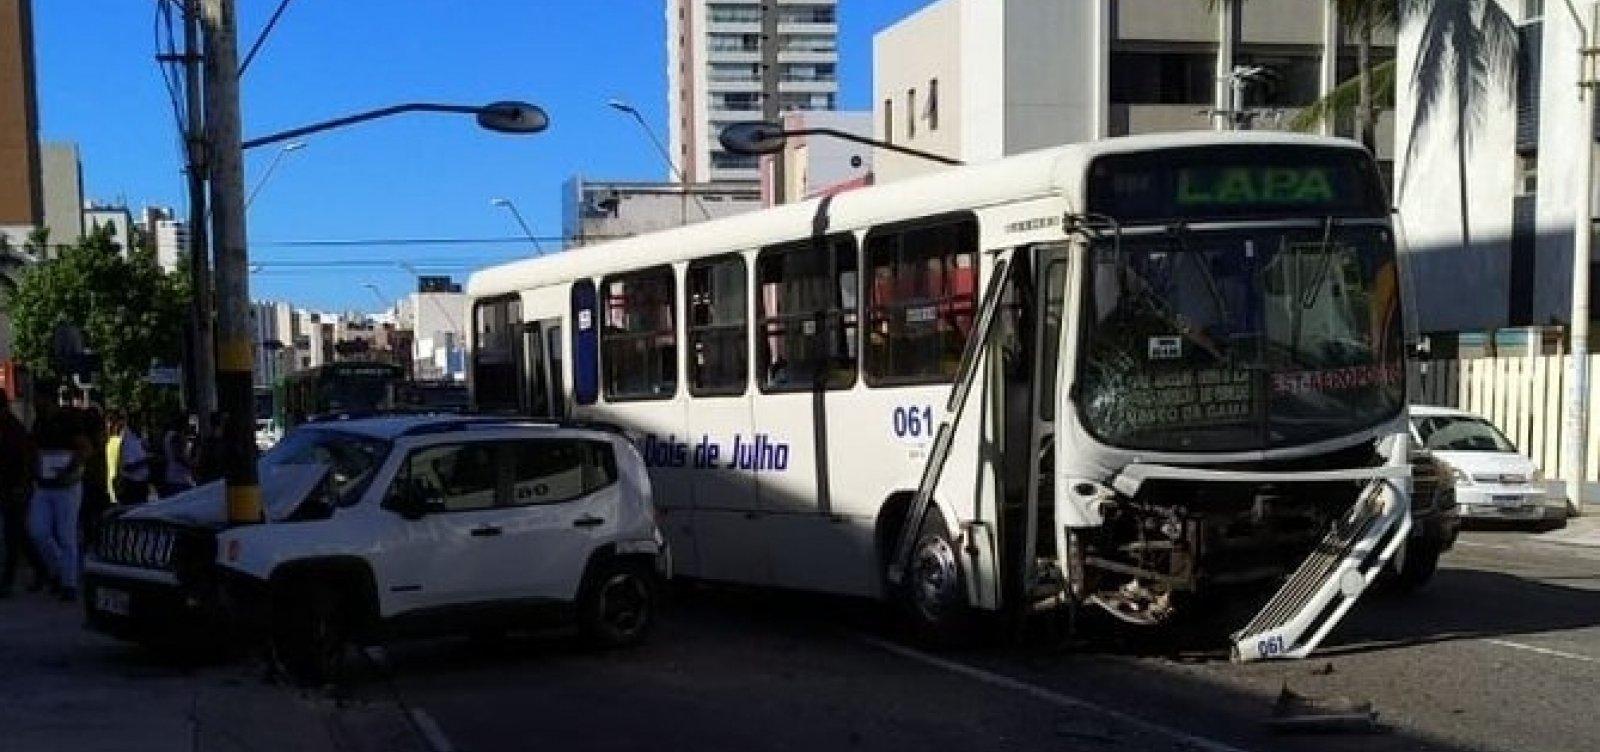 [Acidente na Avenida Manoel Dias deixa o trânsito lento]